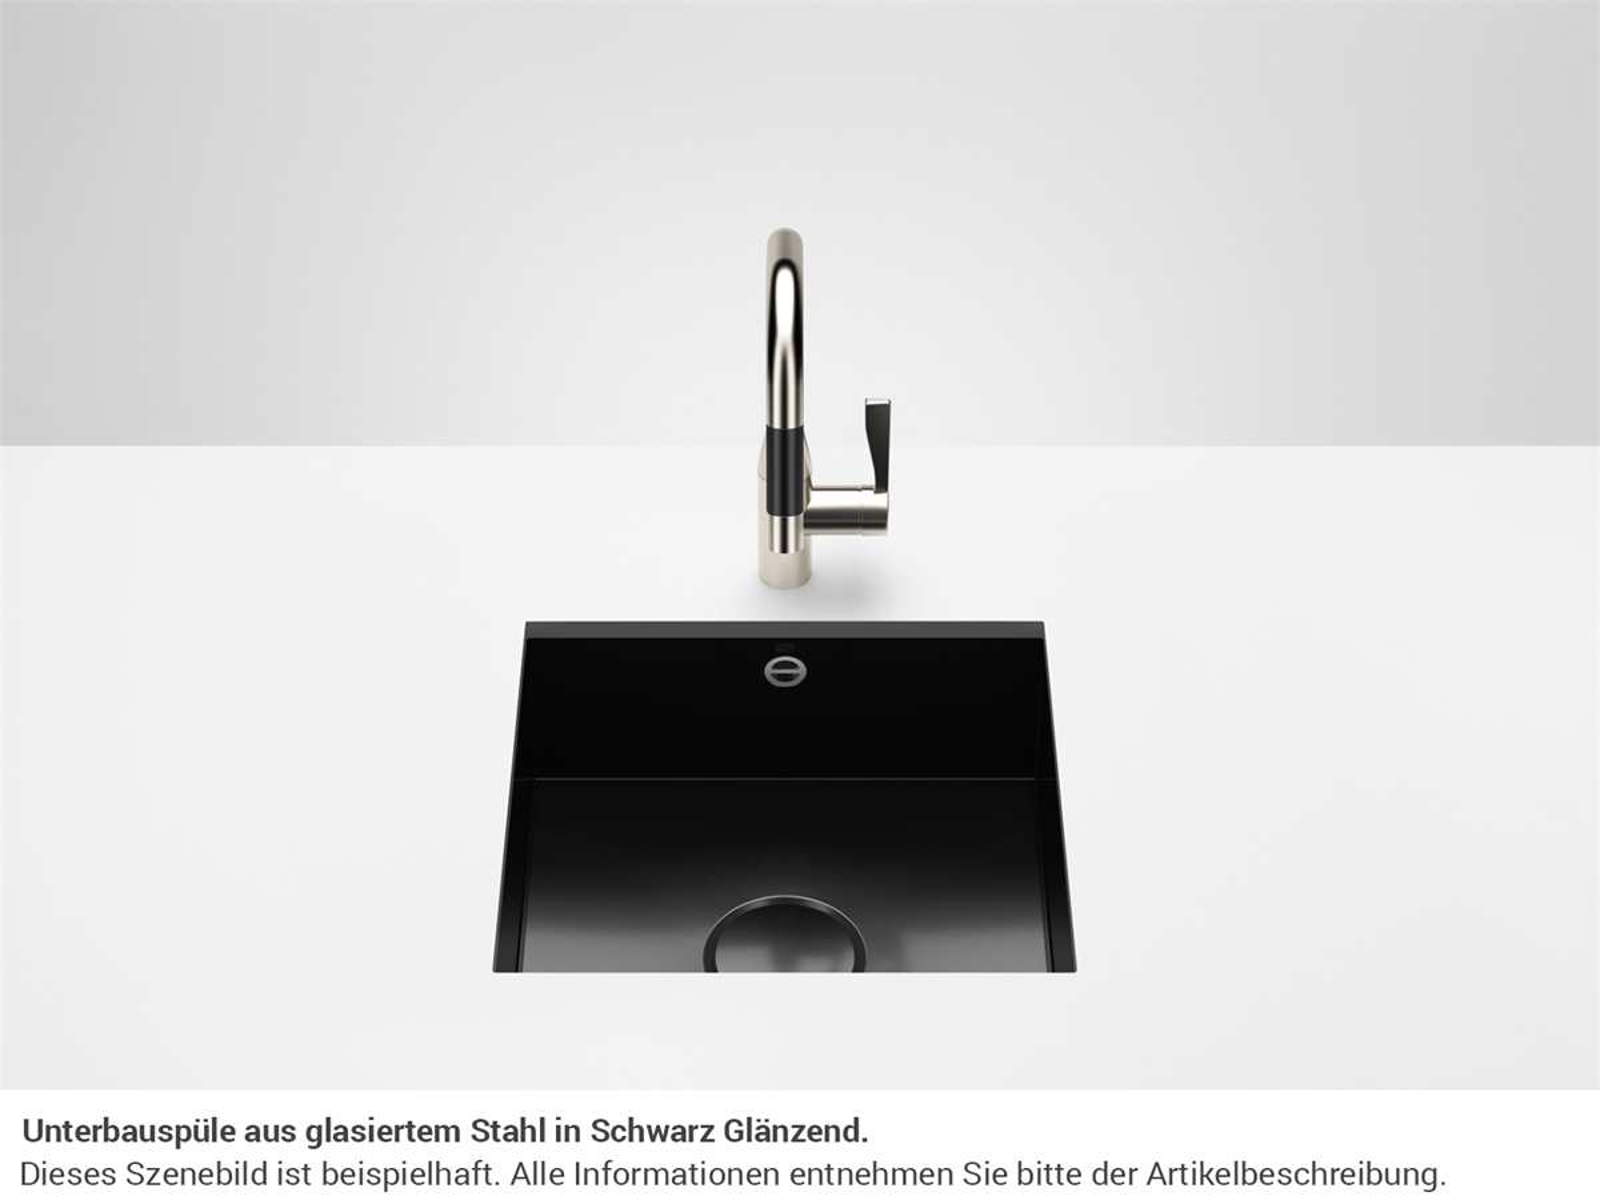 Dornbracht Unterbau-Spüle Glasierter Stahl Schwarz Glänzend 38450002-76